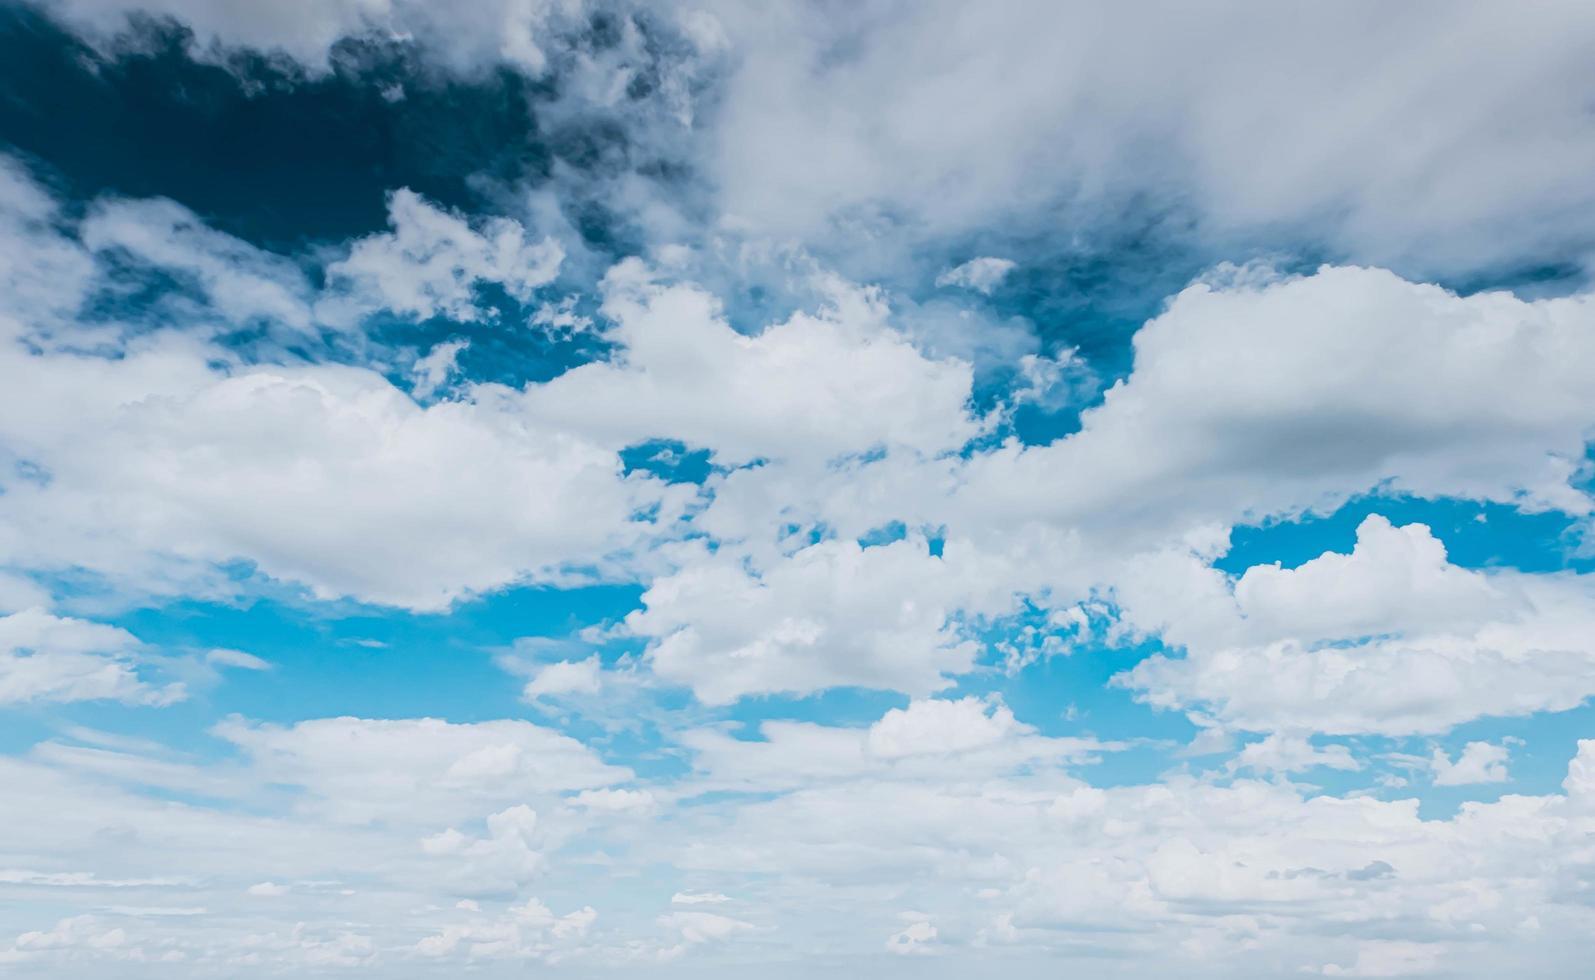 fond de nuages duveteux blanc ciel bleu photo